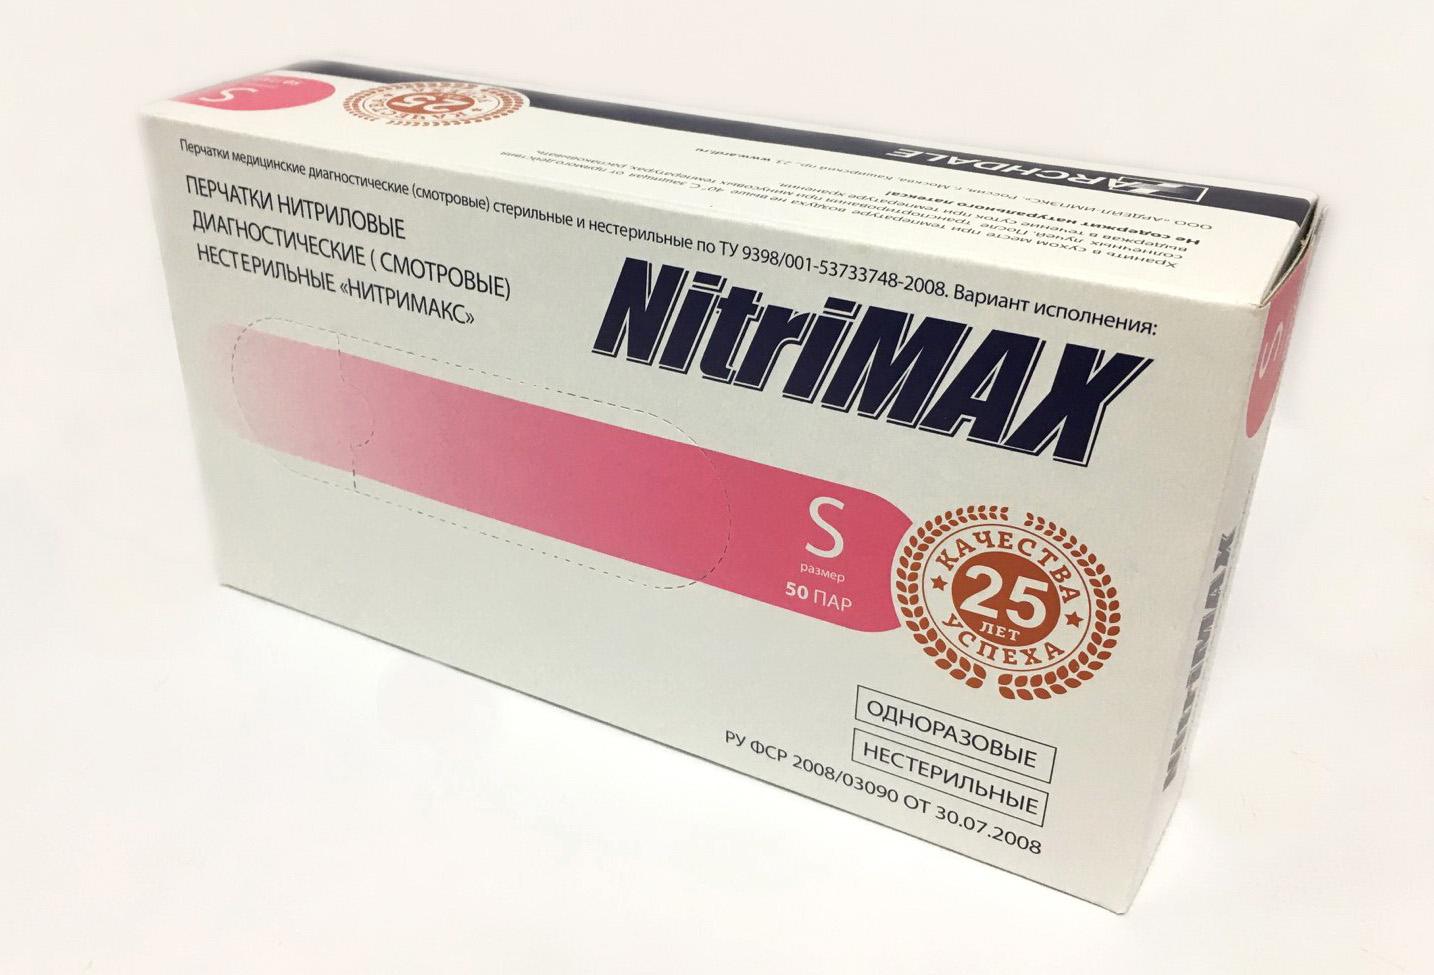 Одноразовые нитриловые перчатки Nitrimax (розовые) - 100 шт (50 пар) - НОВЫЙ товар от Джевел Лимитед